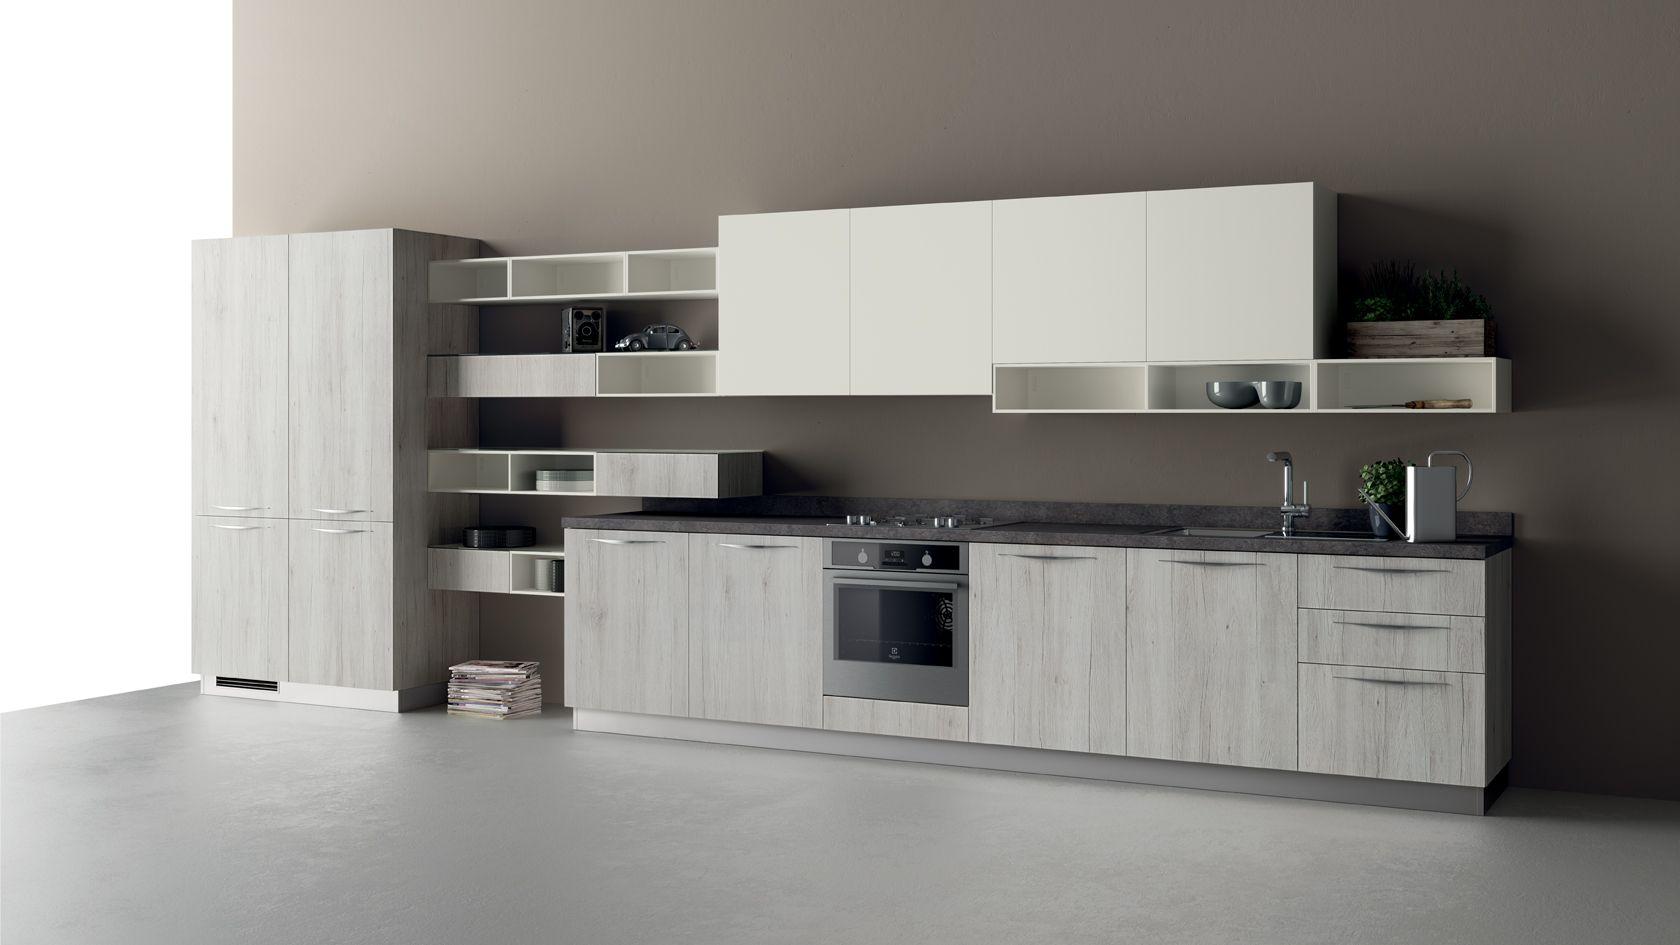 Camere Da Letto Matrimoniali Moderne Scavolini.Cucina Mood Sito Ufficiale Scavolini Italian Kitchen Cabinets